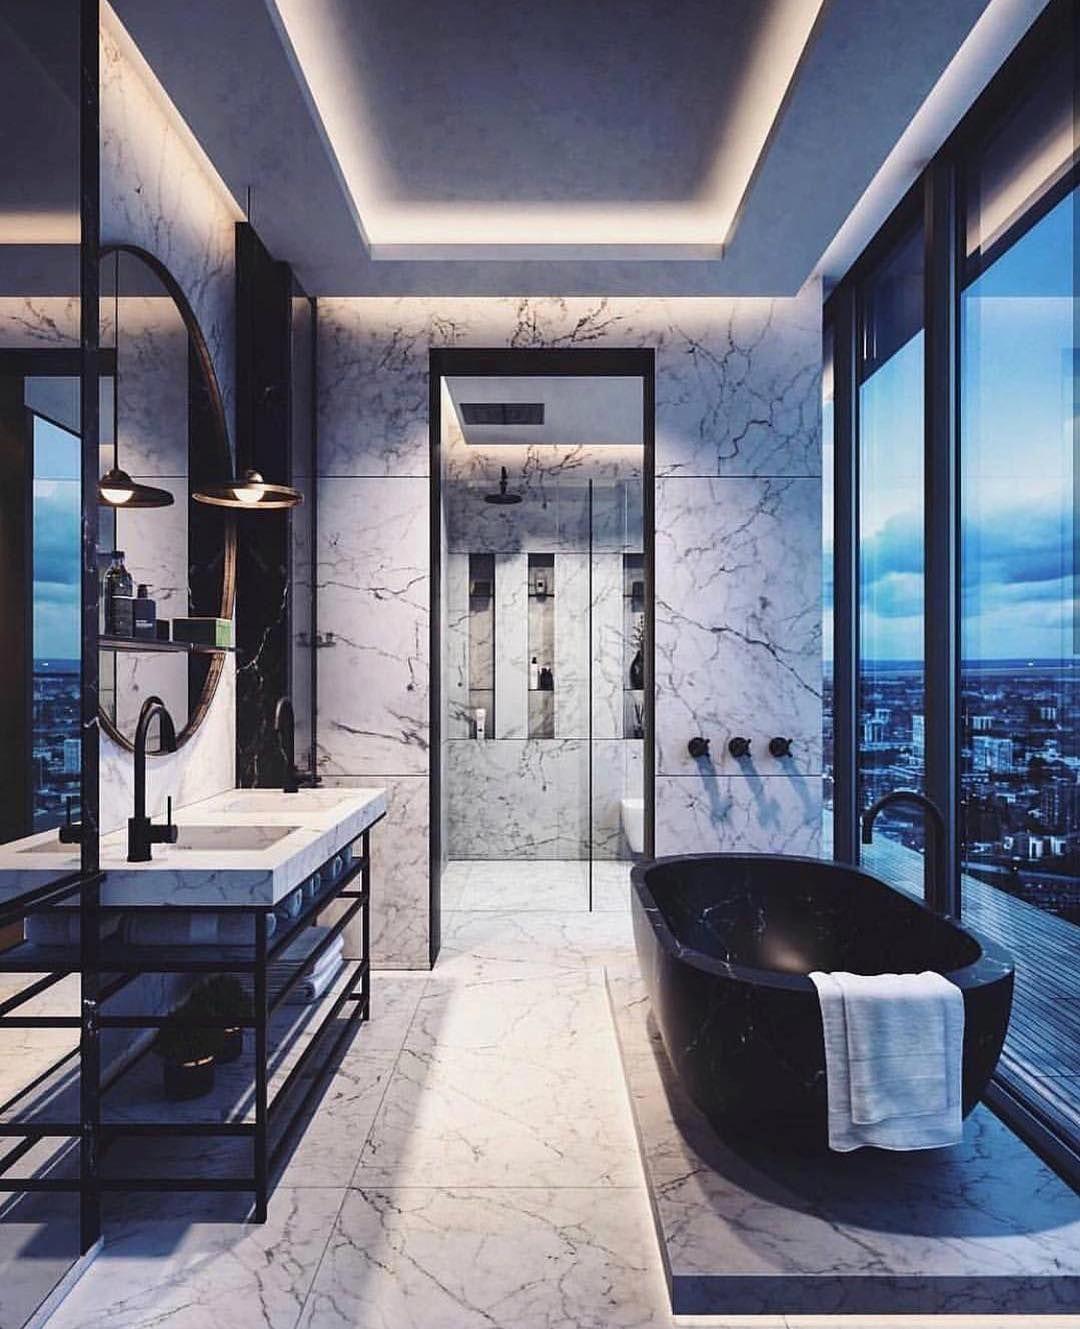 Eccezionale attico di 6 camere da letto con piscina. Small Bathroom Ideas Luxurybathrooms Bathroom Decor Luxury Best Bathroom Designs Modern Bathroom